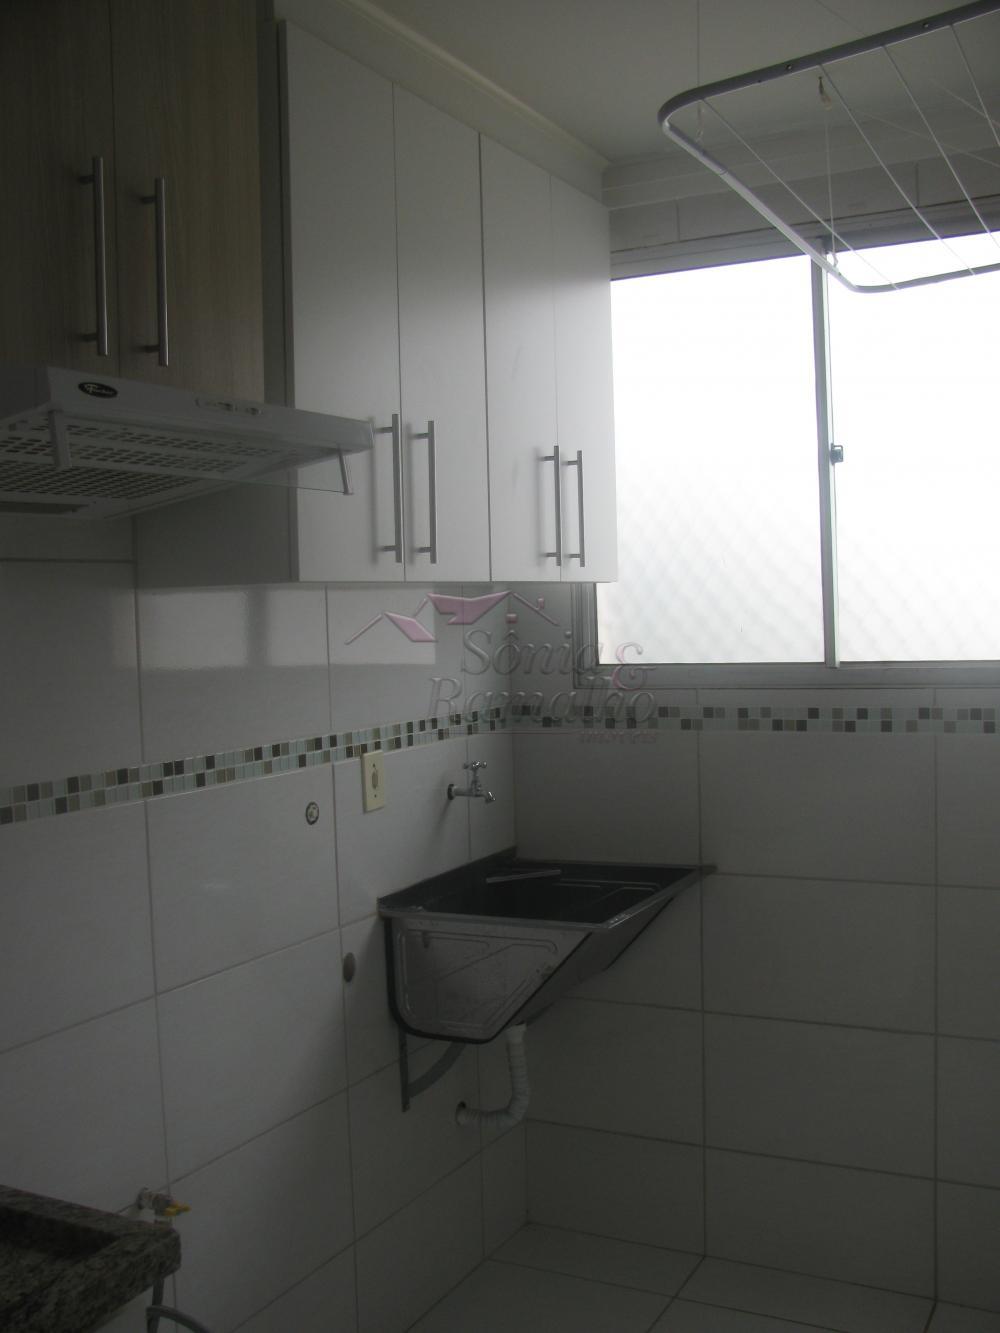 Alugar Apartamentos / Padrão em Ribeirão Preto apenas R$ 600,00 - Foto 1